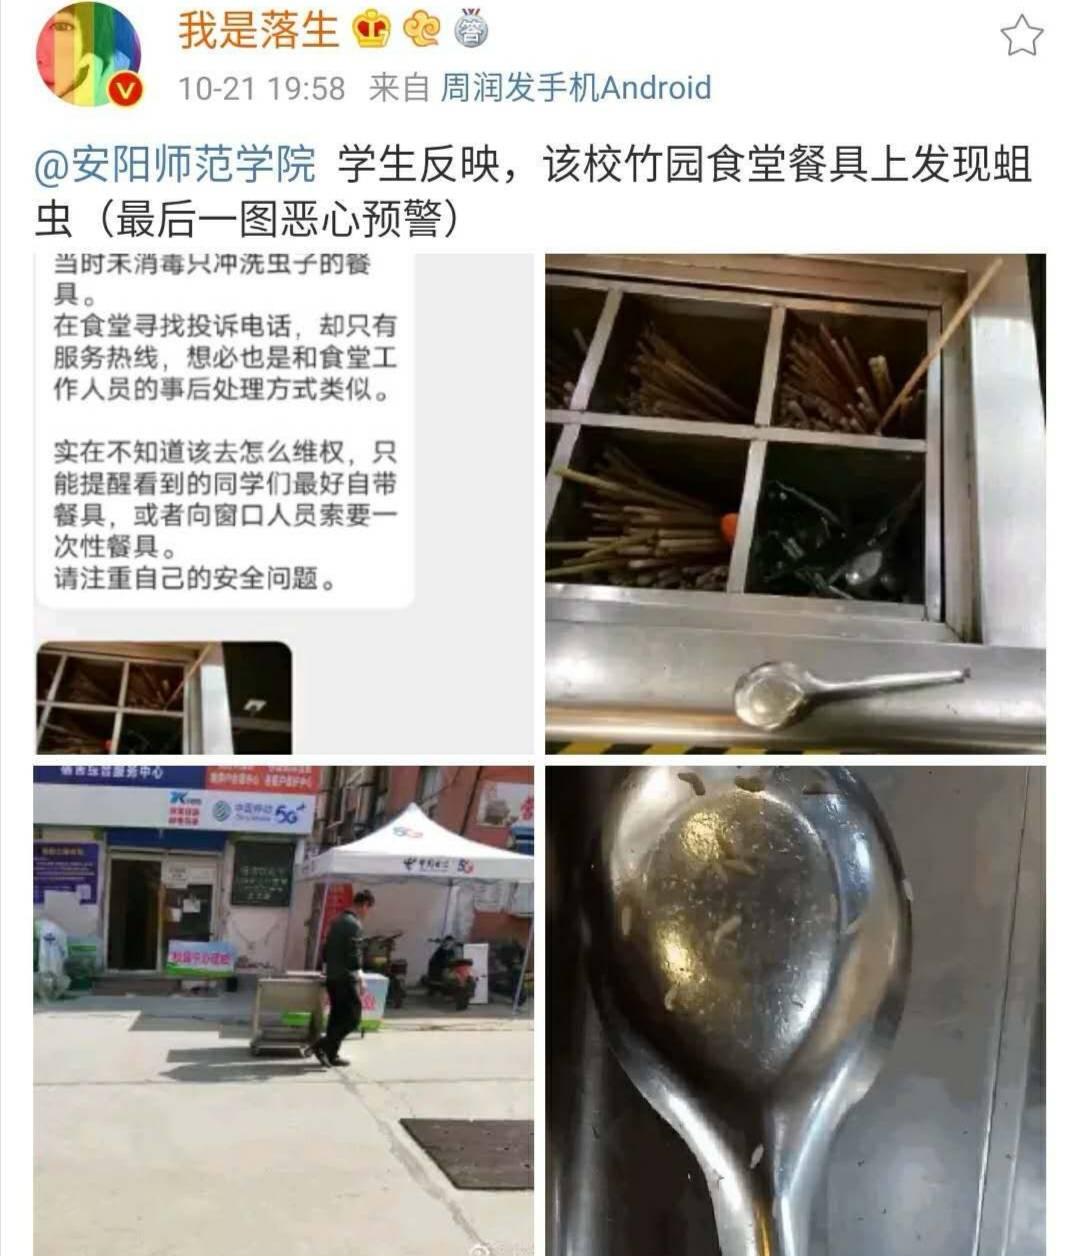 """河南安阳师院餐饮中心回应""""餐具现蛆虫"""":接到反映,正处理"""